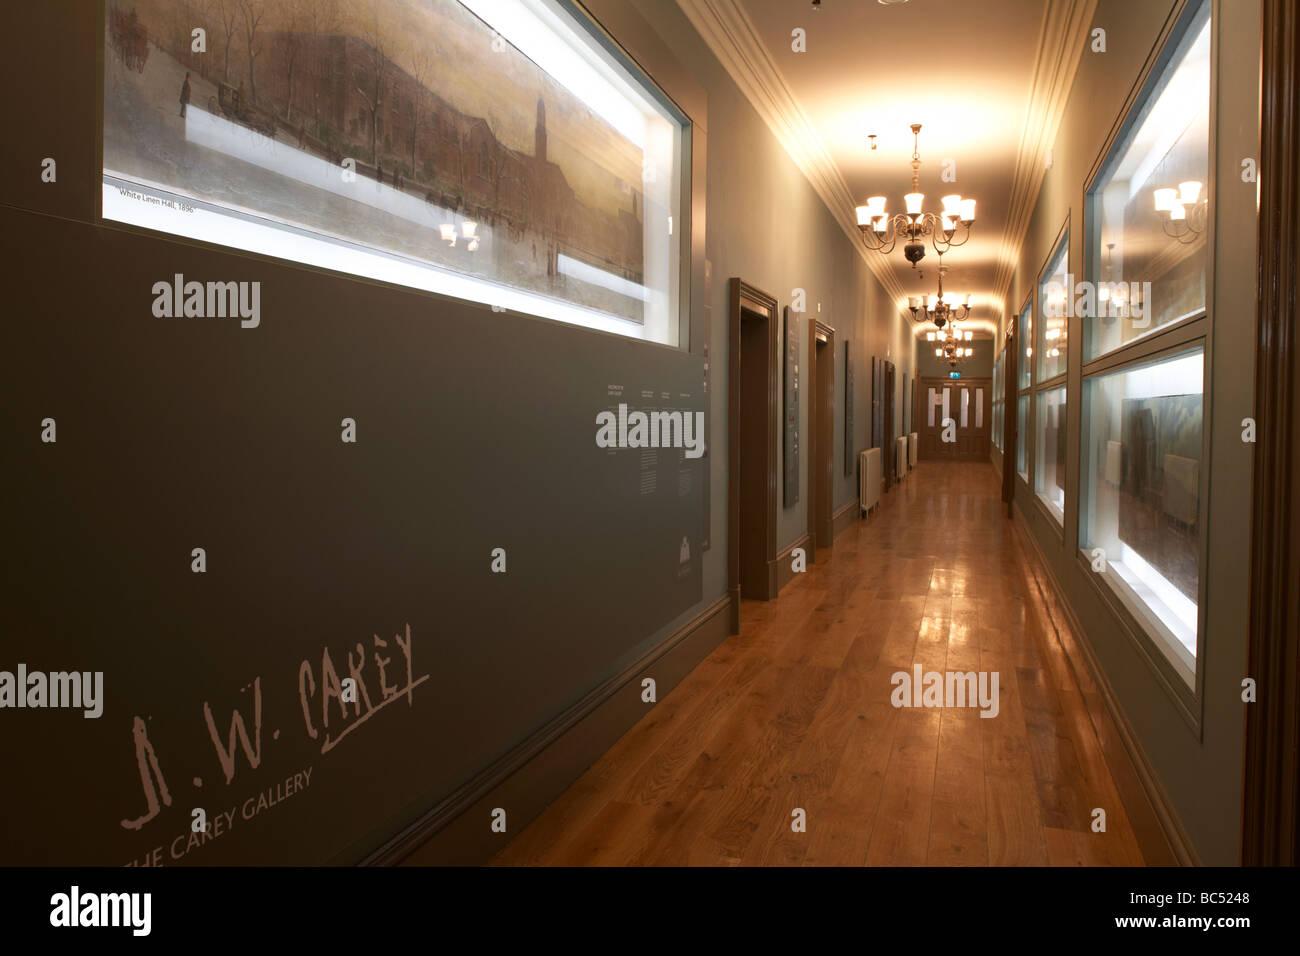 der J-w Carey Galerie Korridor im Inneren des frisch renovierten Ulster Hall Veranstaltungsort in Belfast Nordirland Stockbild